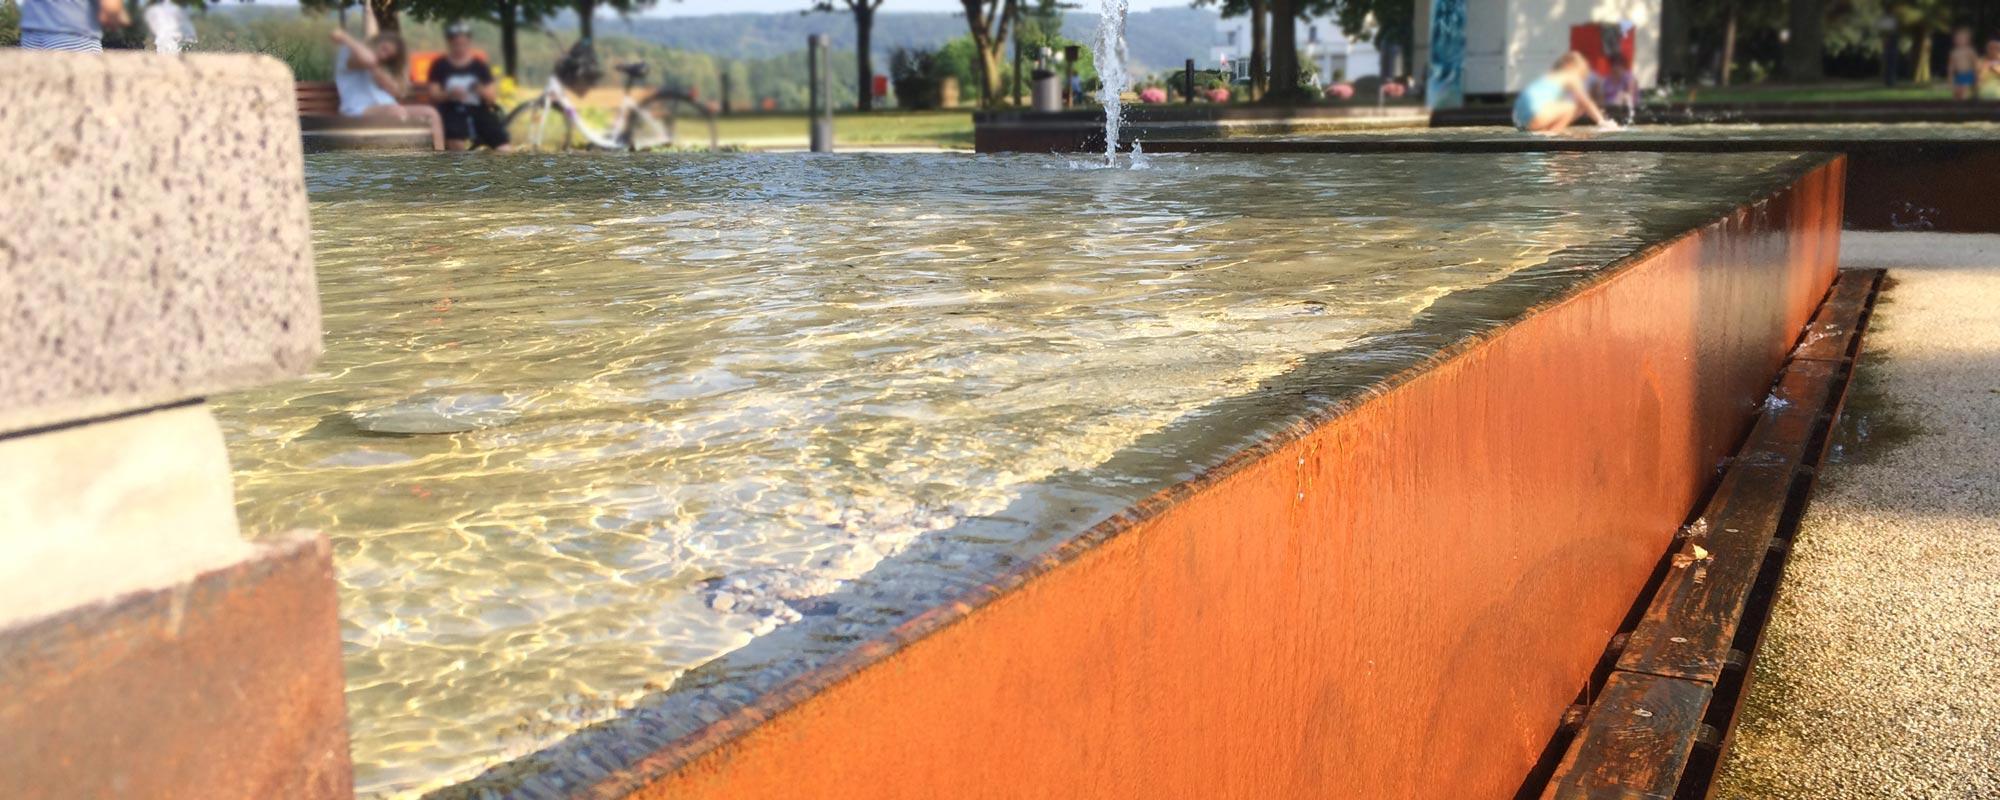 Sanierung_Brunnenanlage_Slide_5